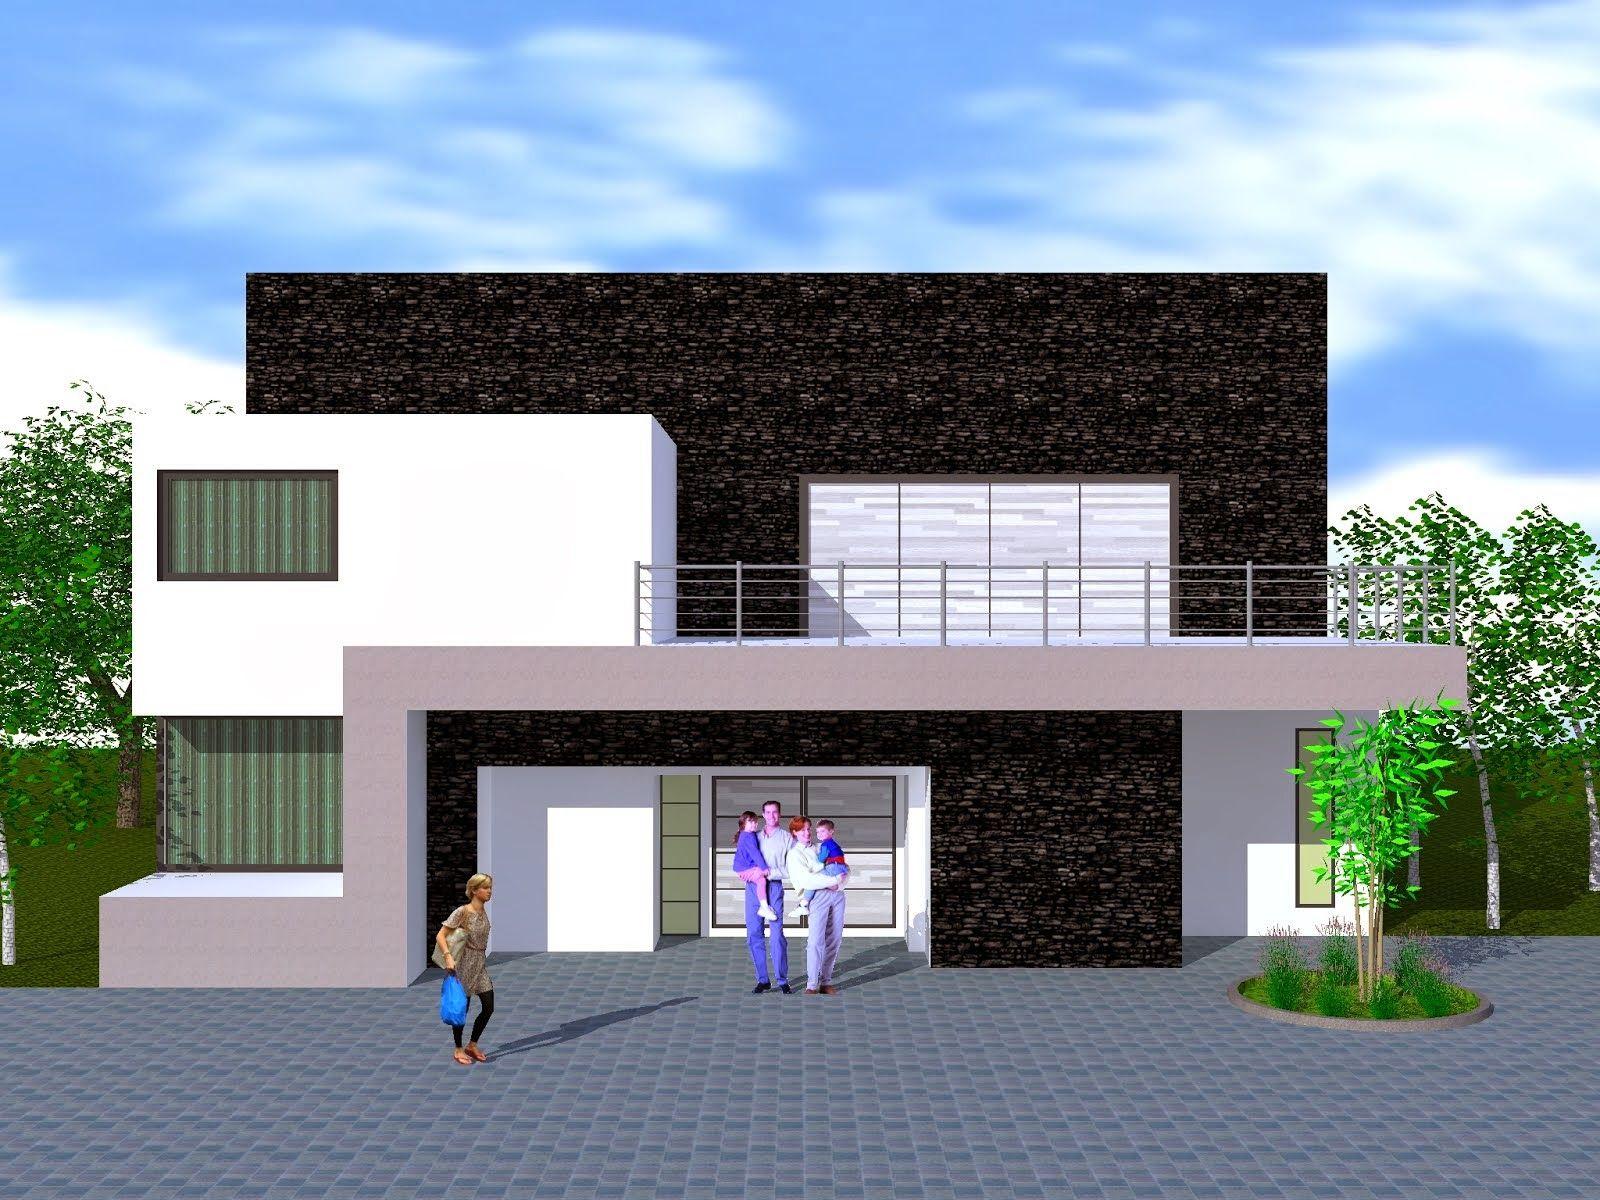 Dise os de rejas para frentes de casas minimalistas for Disenos de frentes de casas modernas